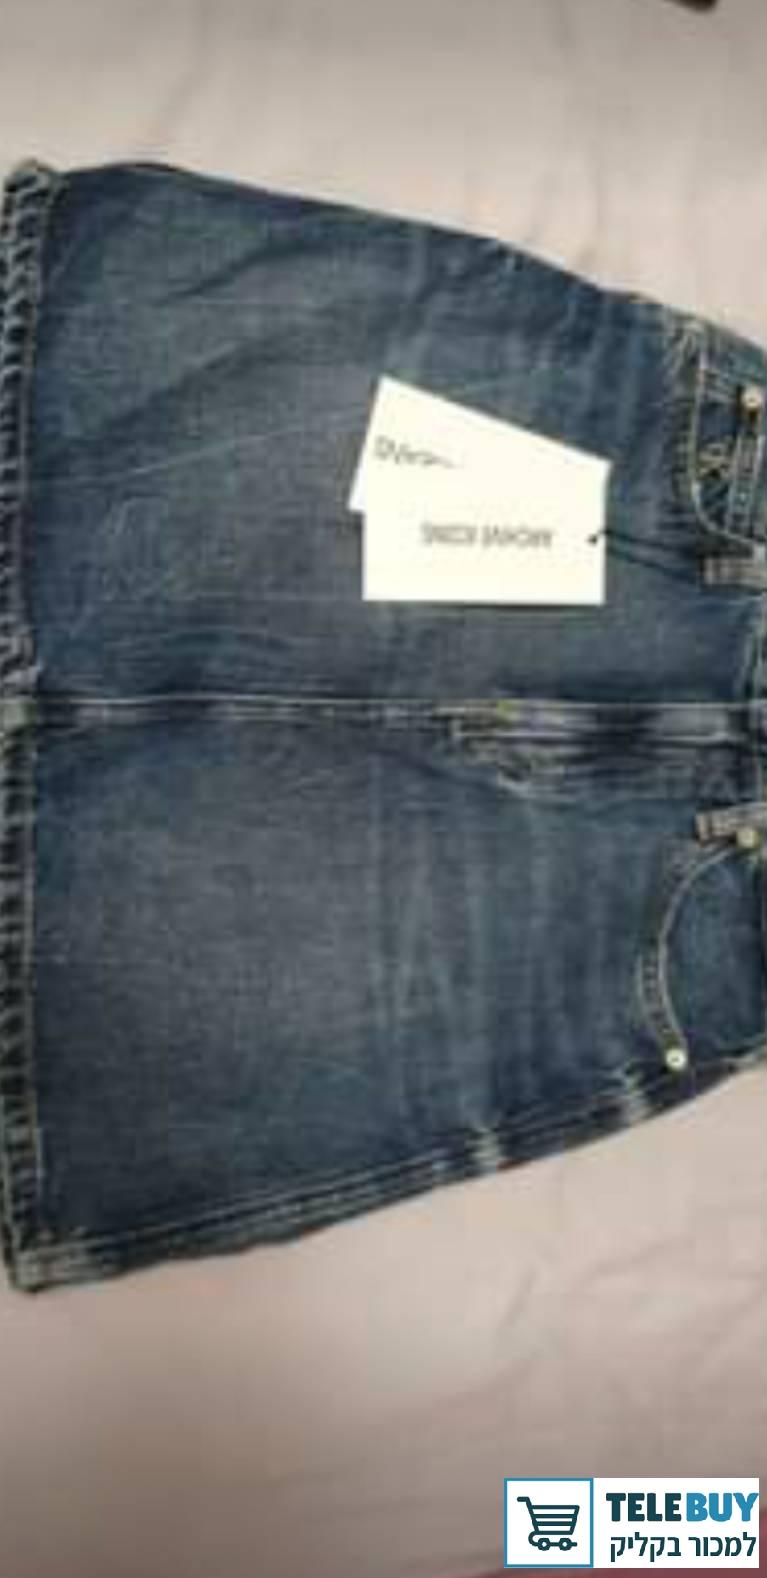 תמונה של חצאיות חצאית קצרה בתל אביב-יפו